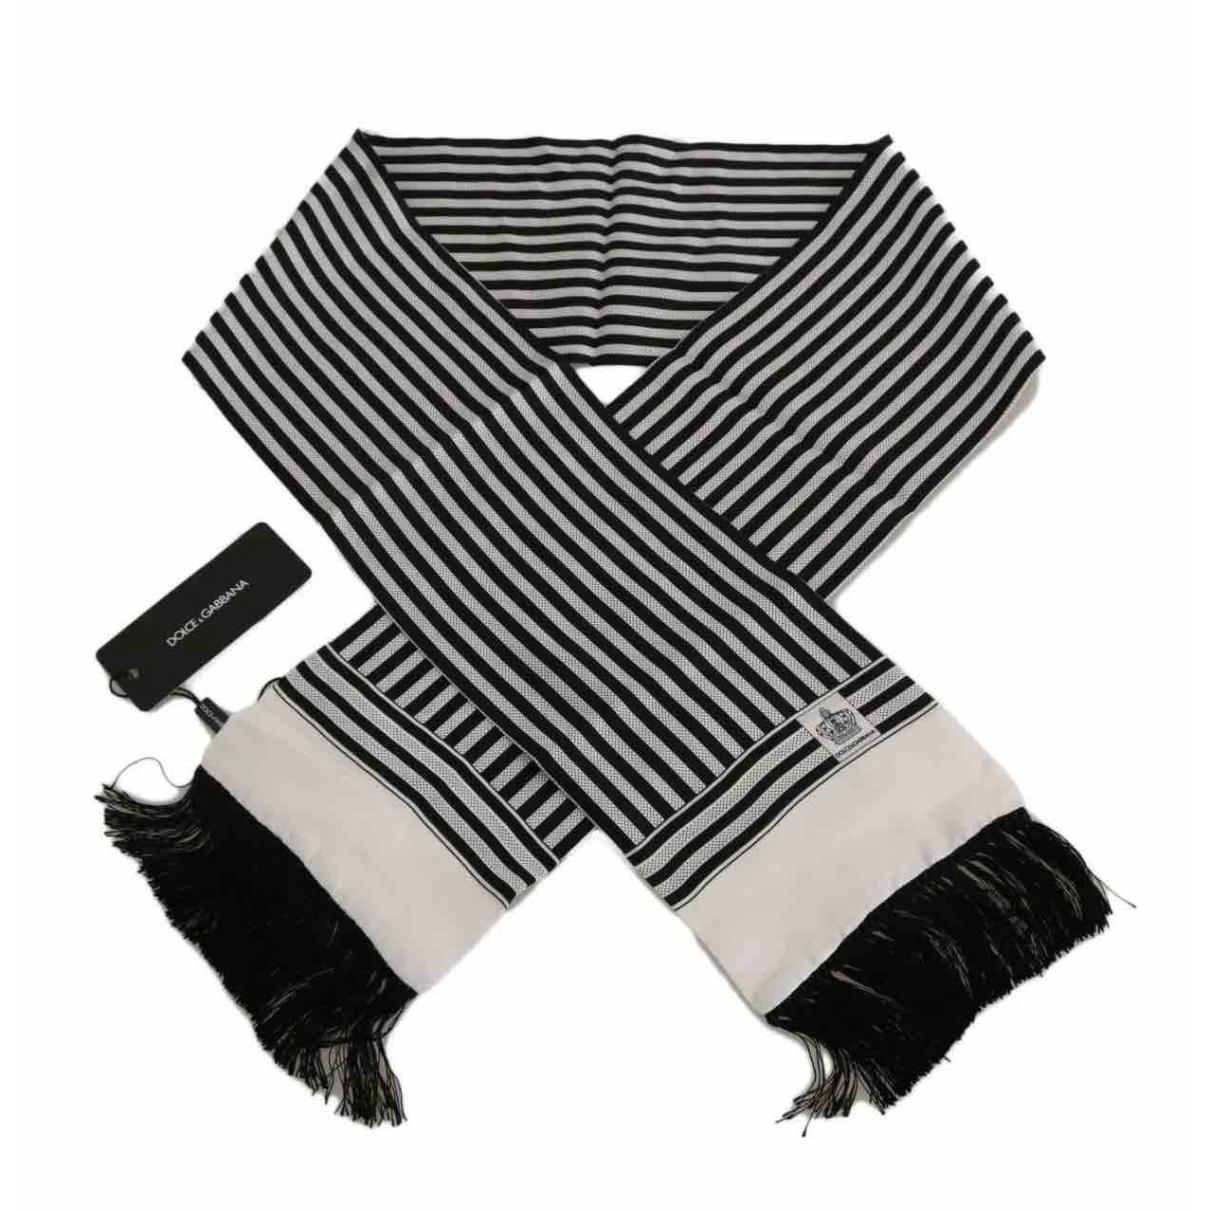 Dolce & Gabbana - Cheches.Echarpes   pour homme en soie - noir